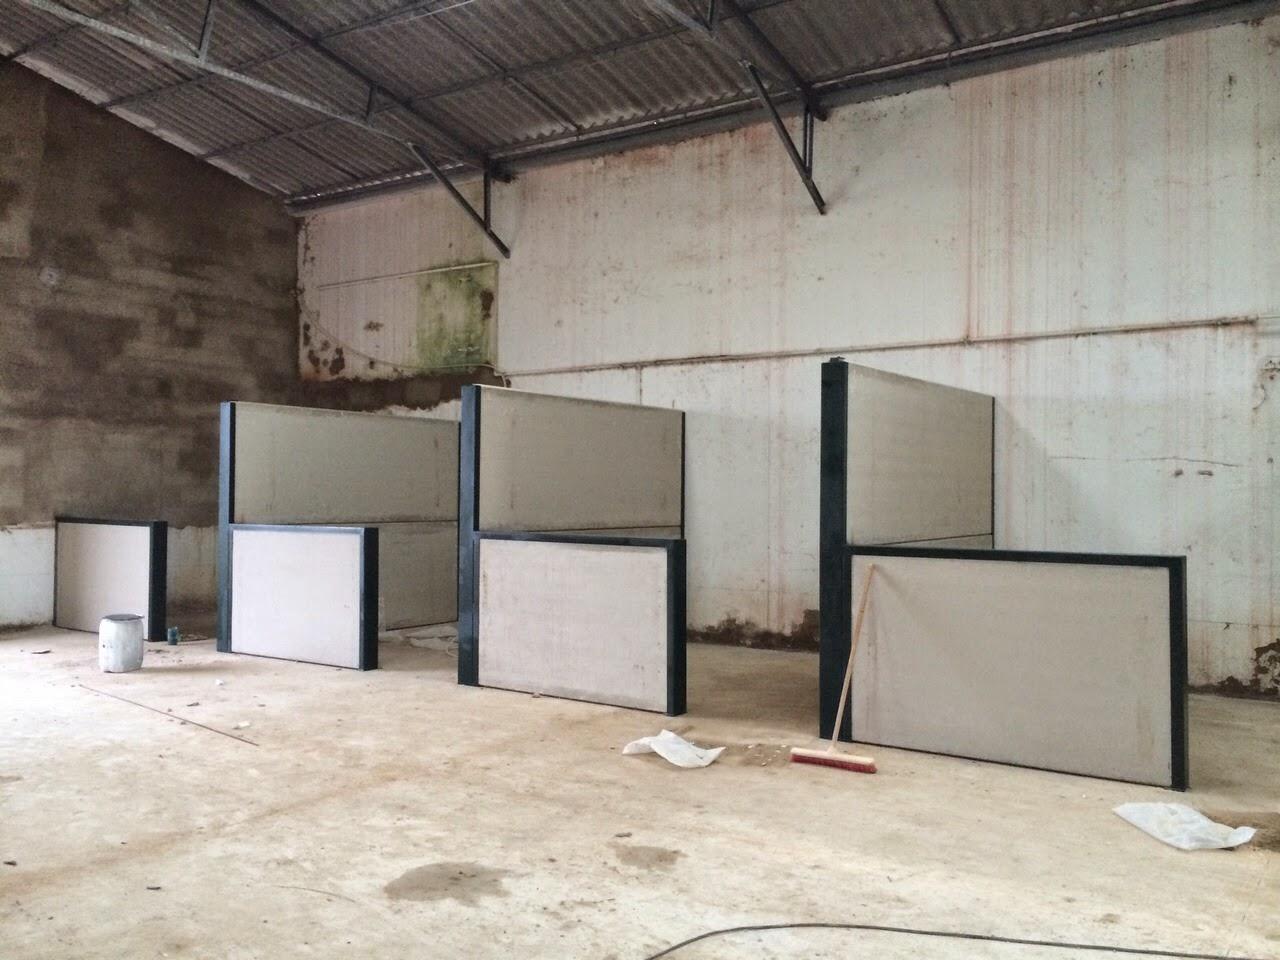 Establos establos prefabricados para el ganado establos for Casetas obra baratas